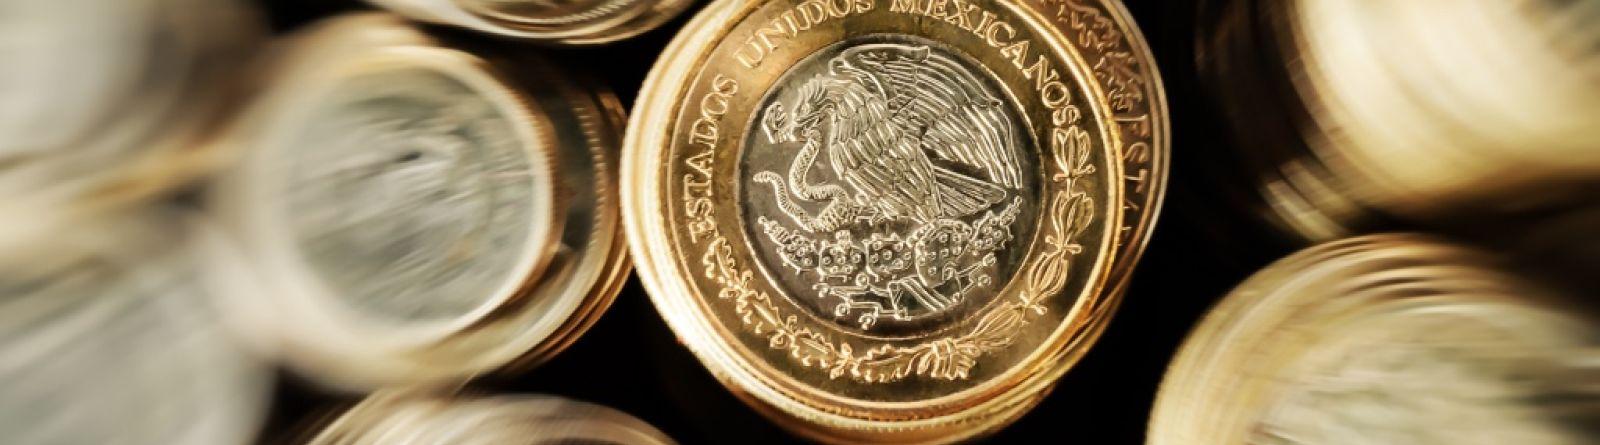 Mercati emergenti, migliorano i punteggi Esg di altri tre paesi